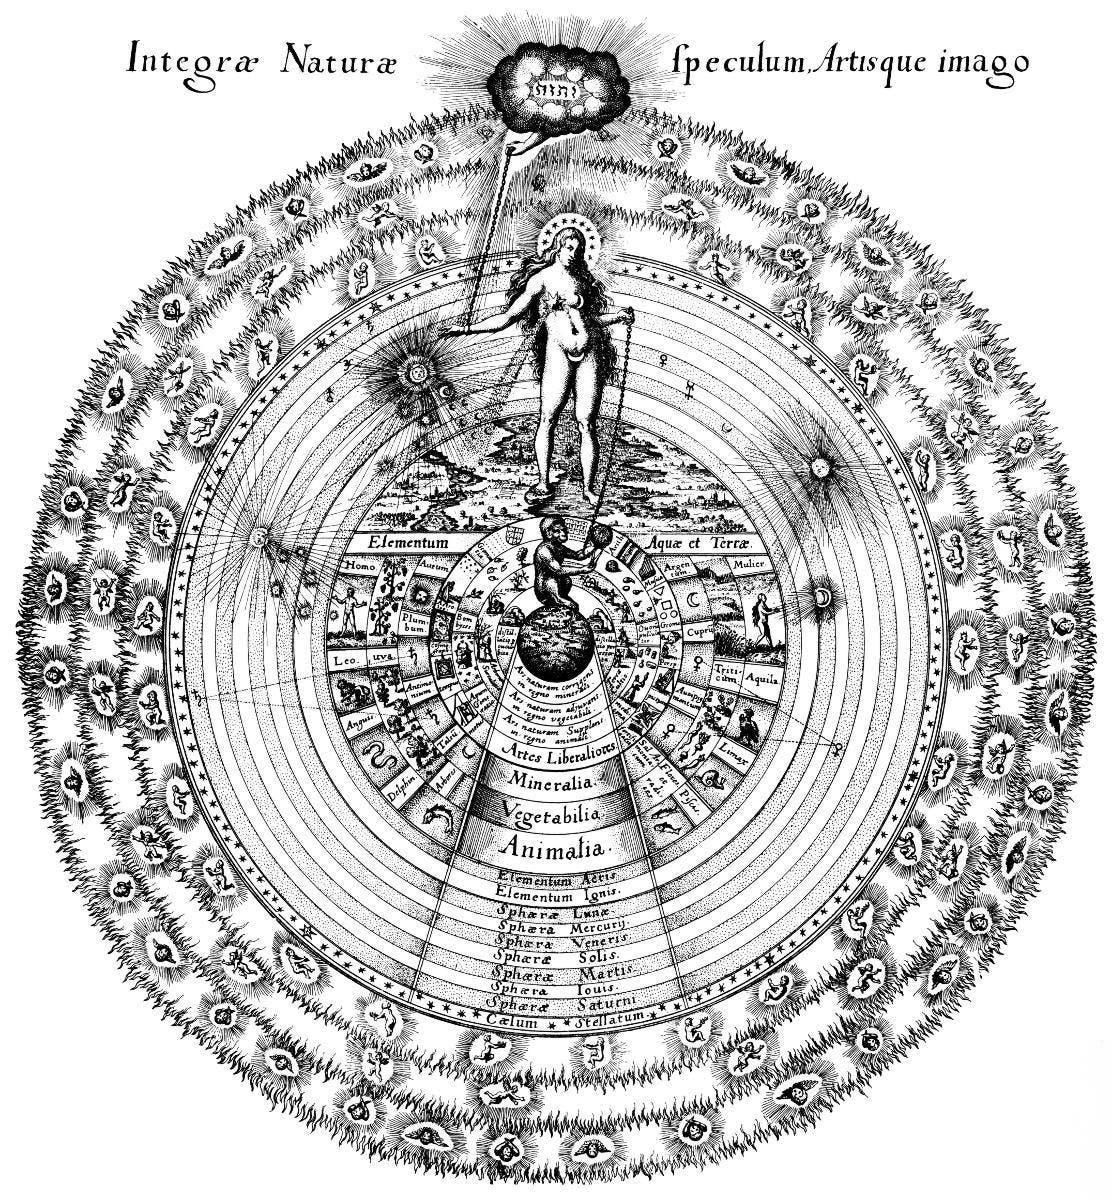 L'UNIVERS EST IL UNE ENTITÉ CONSCIENTE ? Fabricius-fludd-natura-mirror-q75-1111x1200